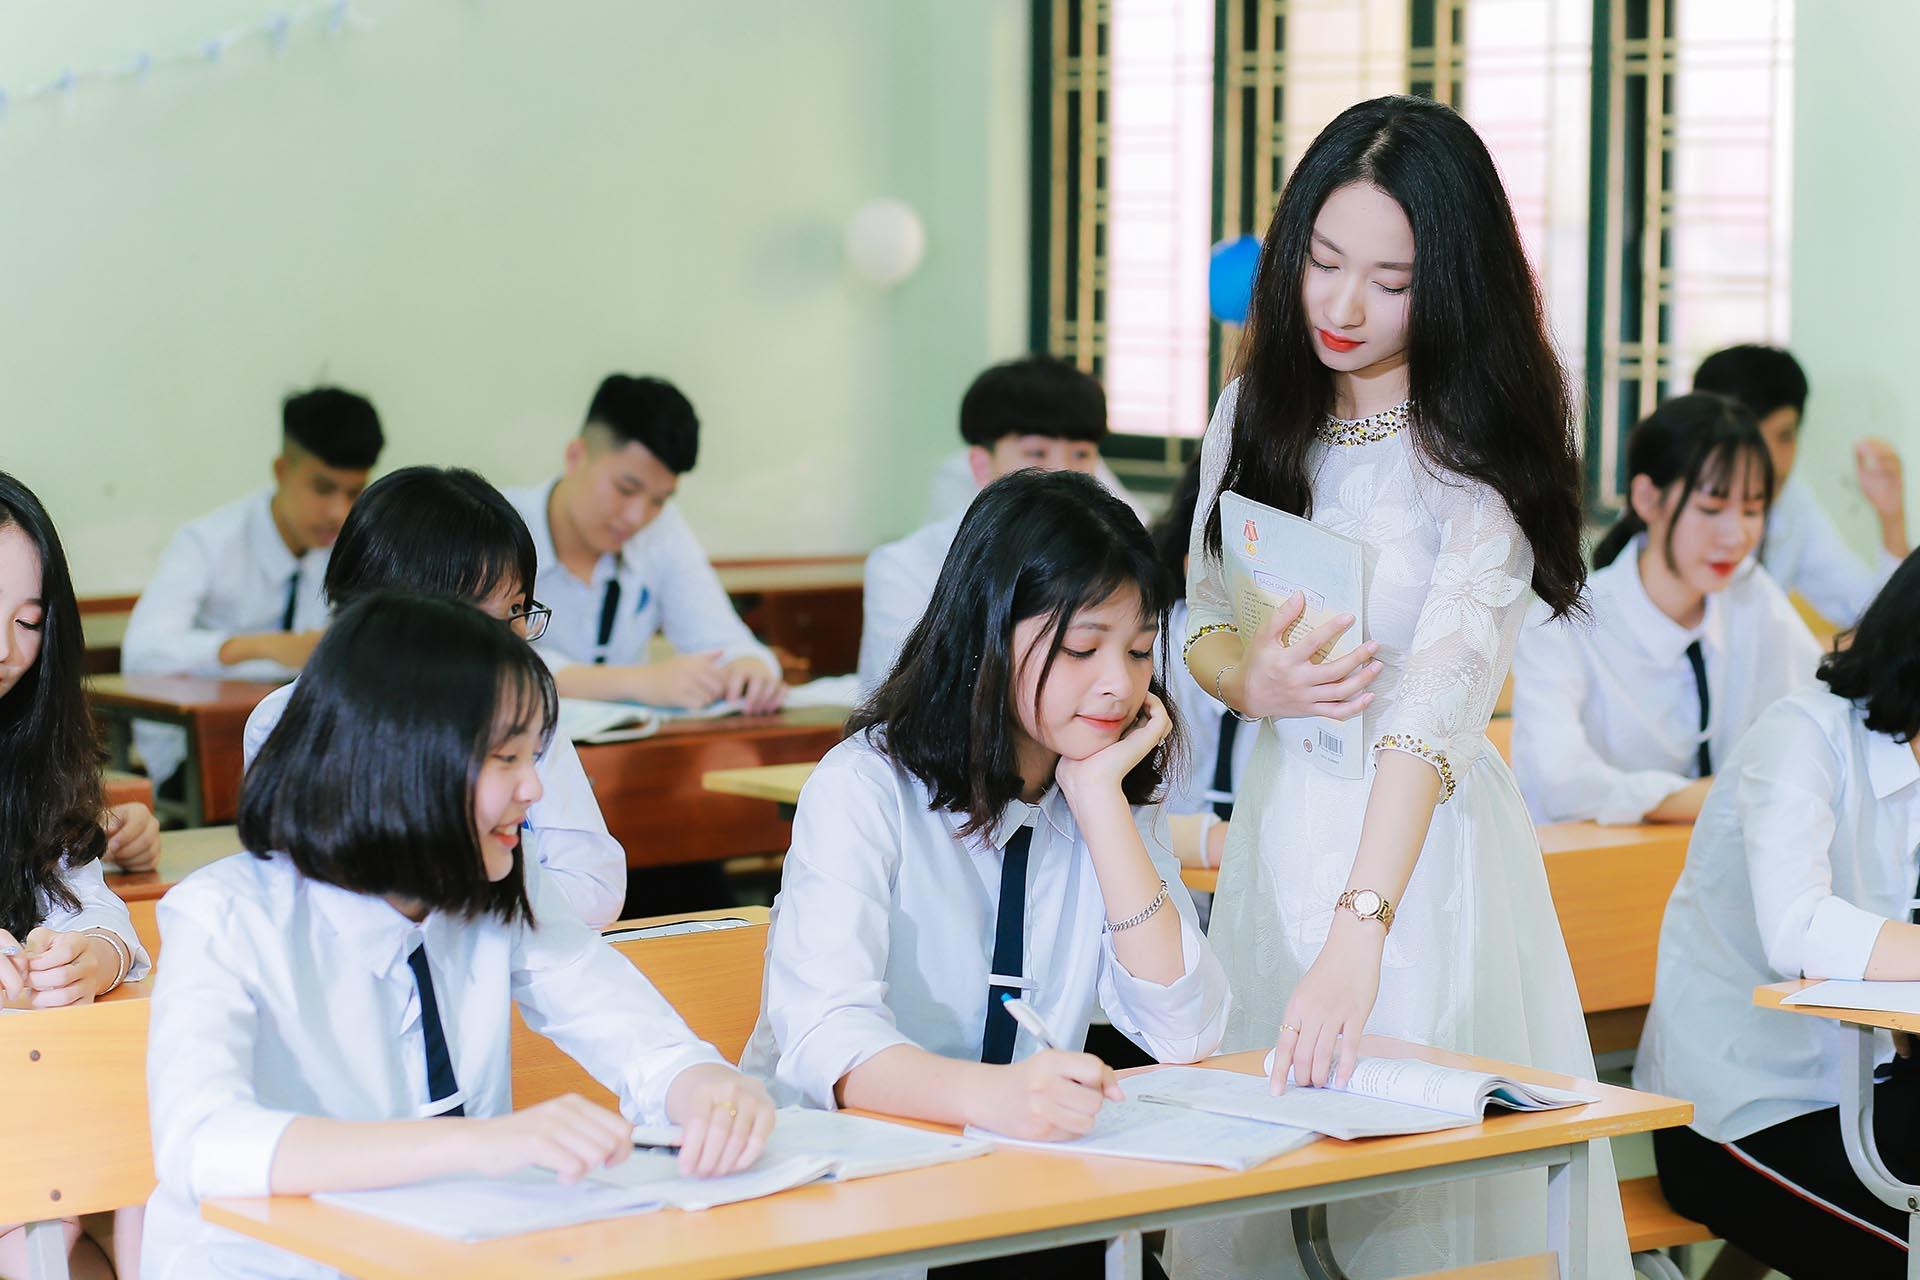 Hình ảnh cô giáo mặc áo dài cách điệu